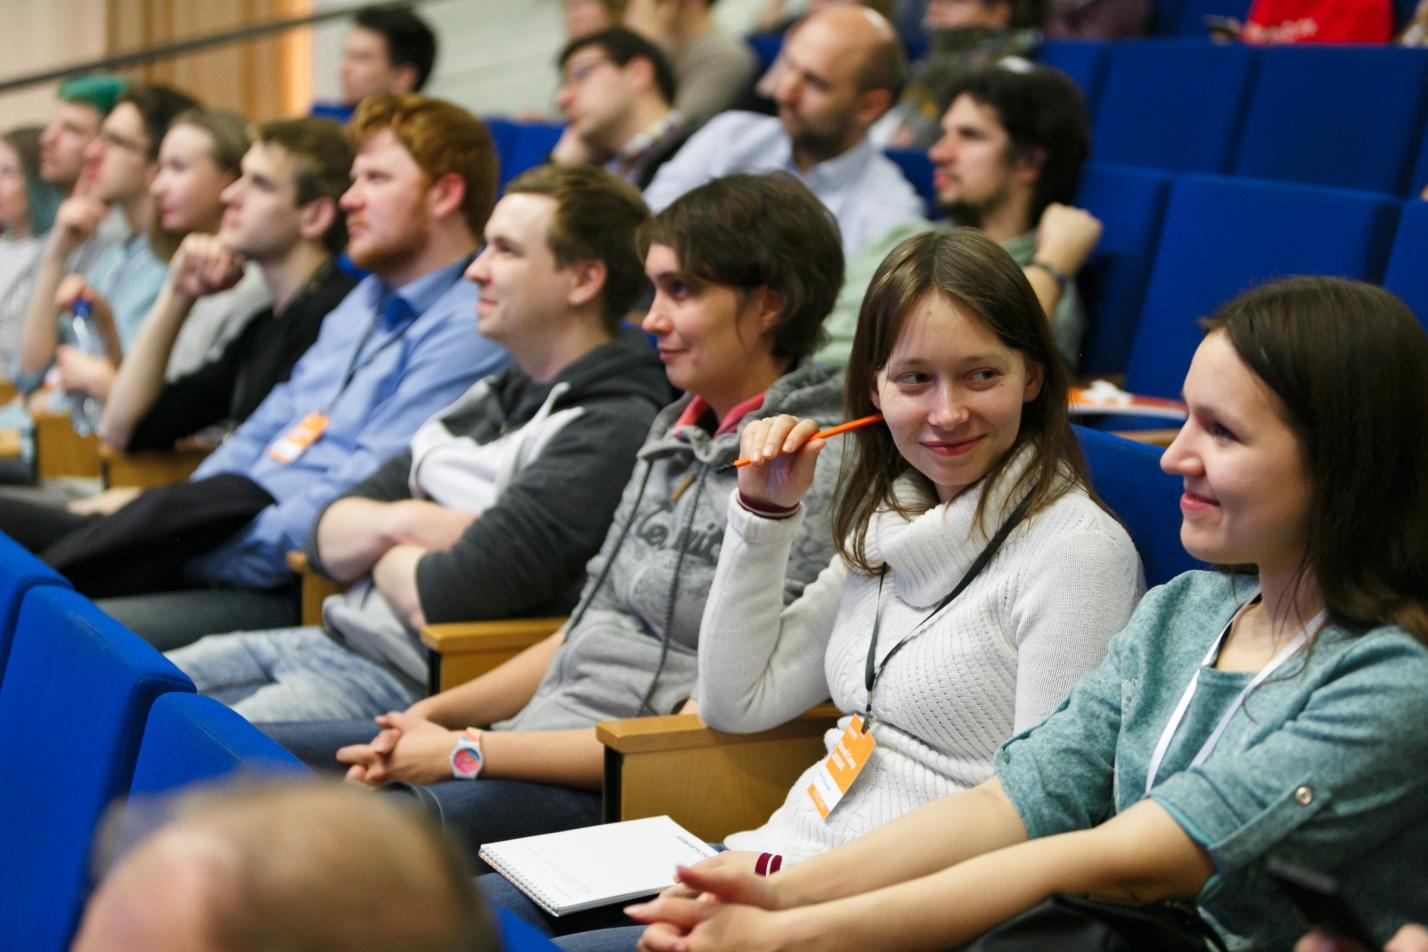 Технические конференции для самих себя: наш опыт, ошибки и достижения - 1